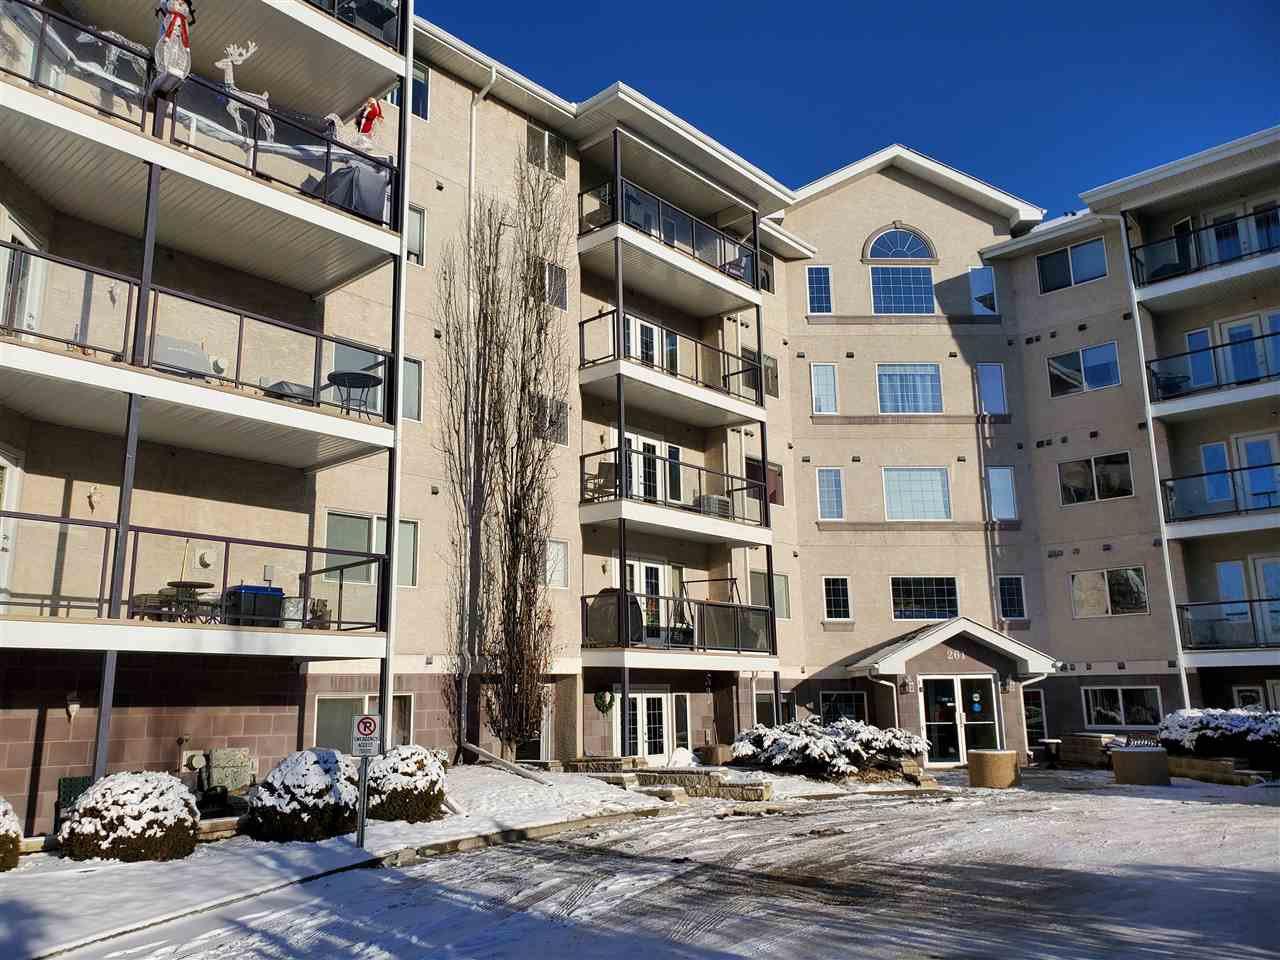 Main Photo: 315 261 YOUVILLE Drive E in Edmonton: Zone 29 Condo for sale : MLS®# E4182187